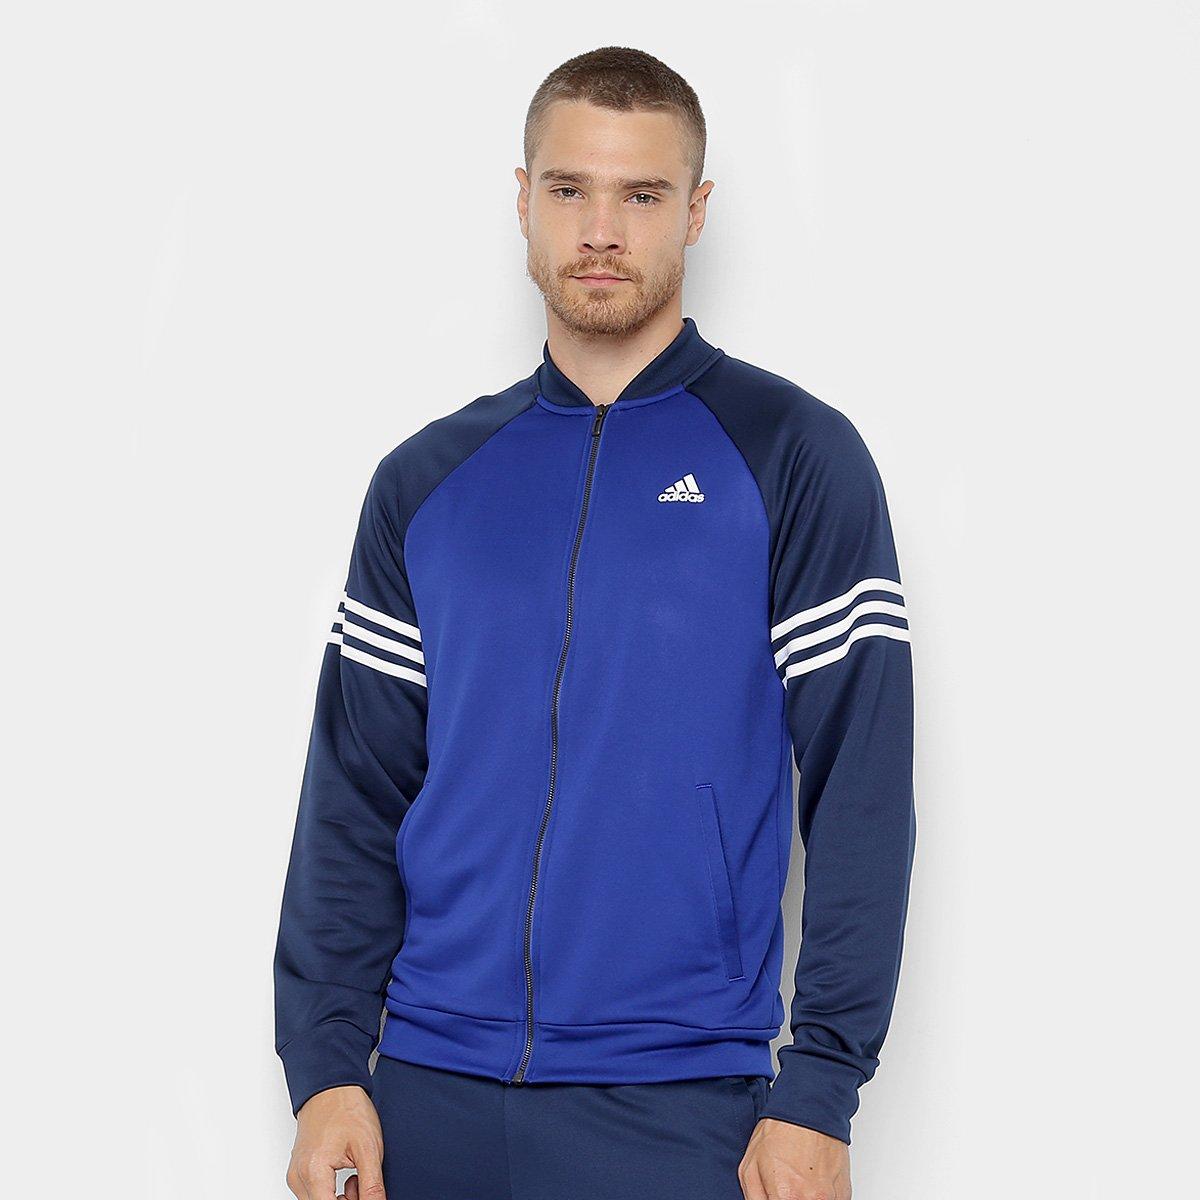 Agasalho Adidas Cozy Masculino - Azul e Marinho - Compre Agora ... 632549086e946